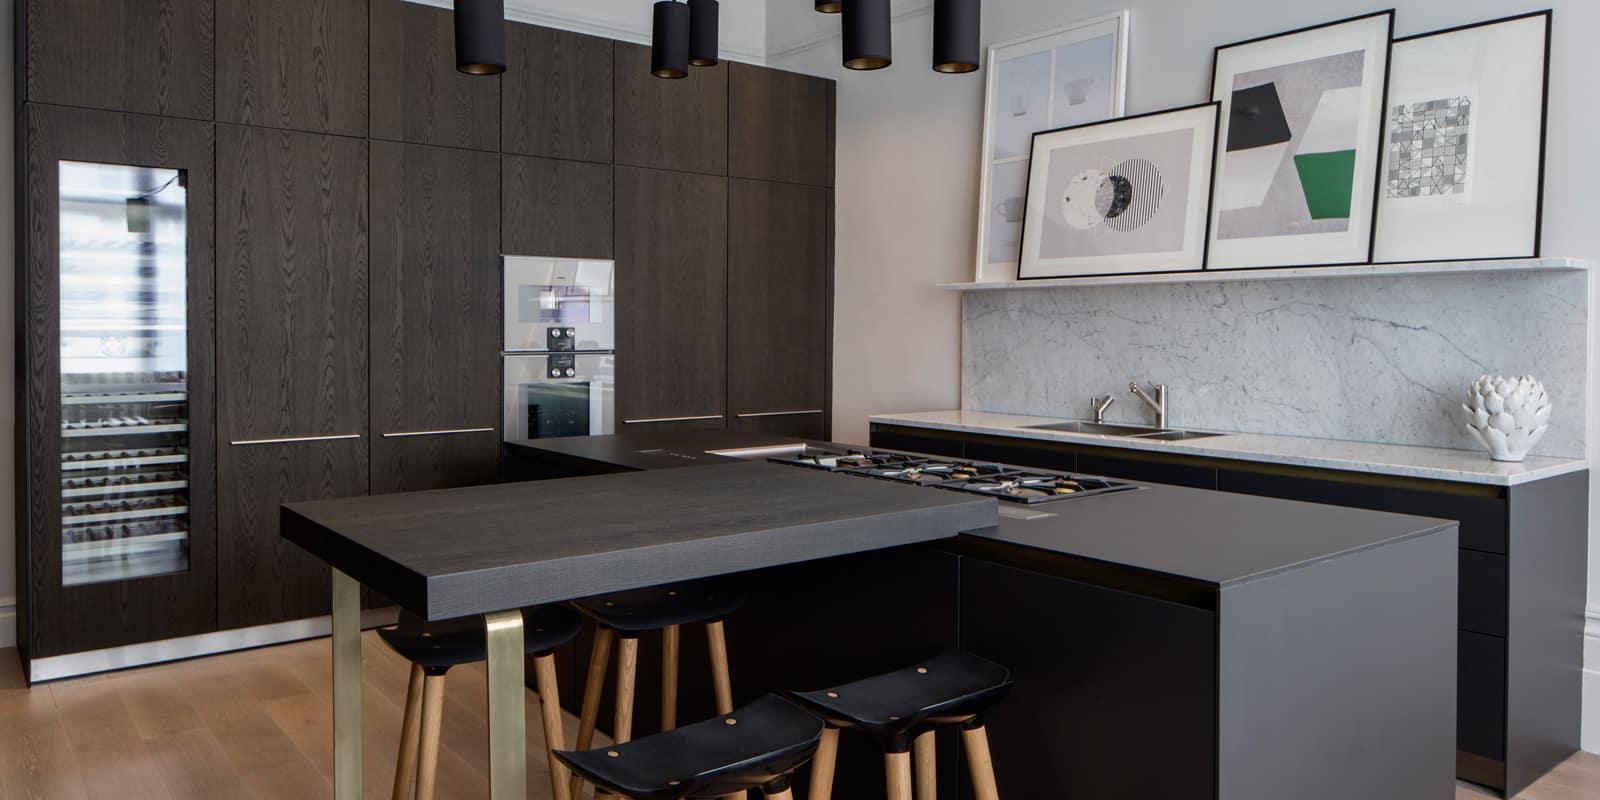 modern industrial kitchen with dark timber kitchen island